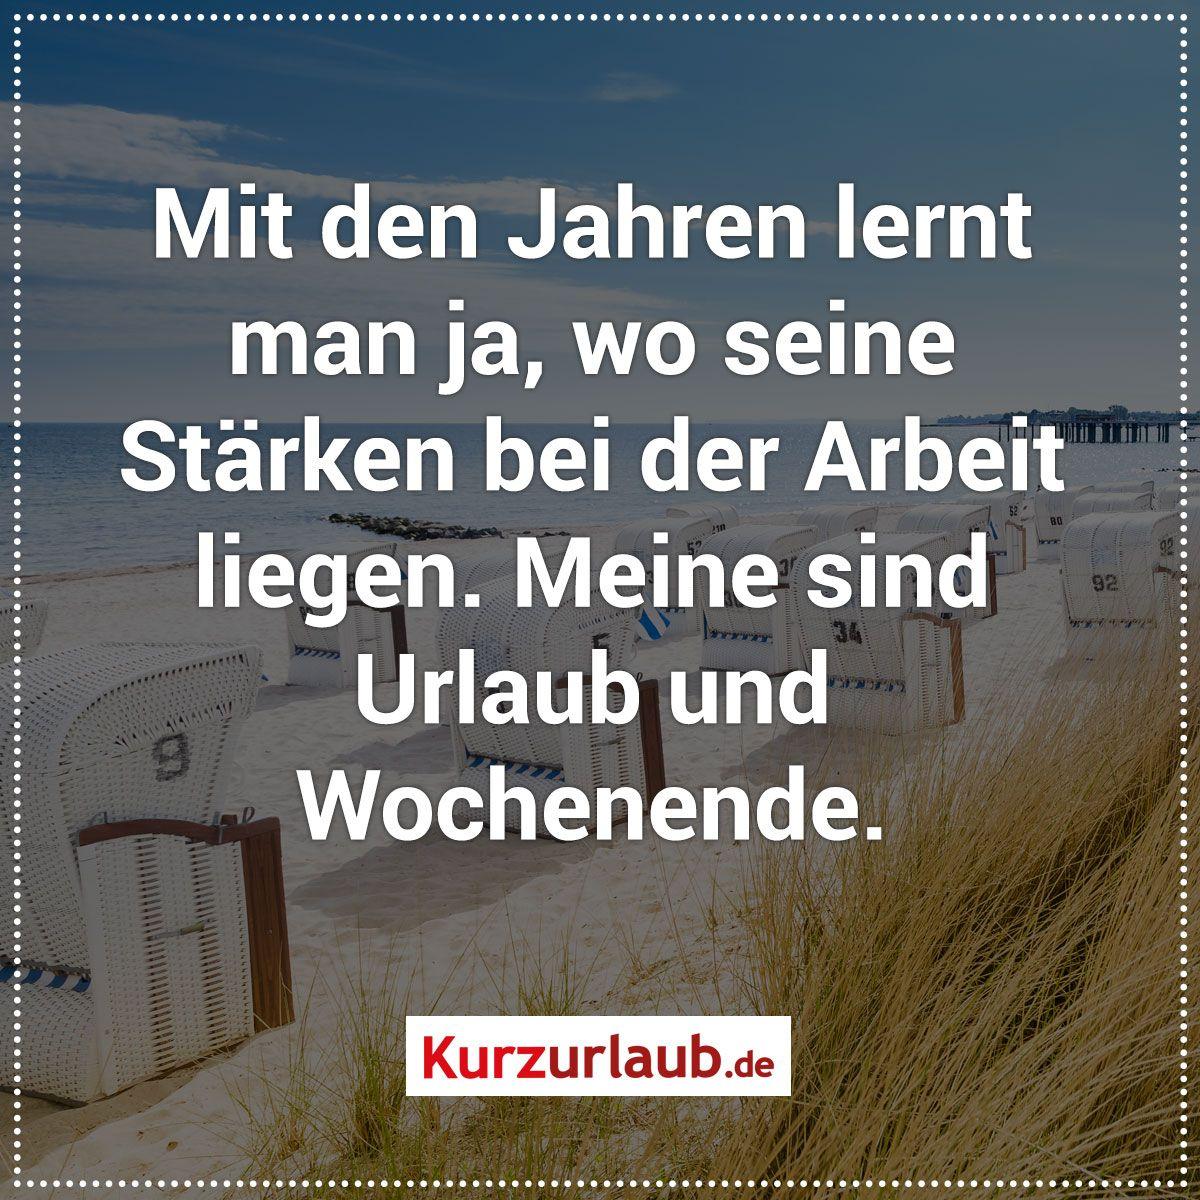 Reise Urlaub Wochenende Spruche Reise Spruche Humor Und Quotes